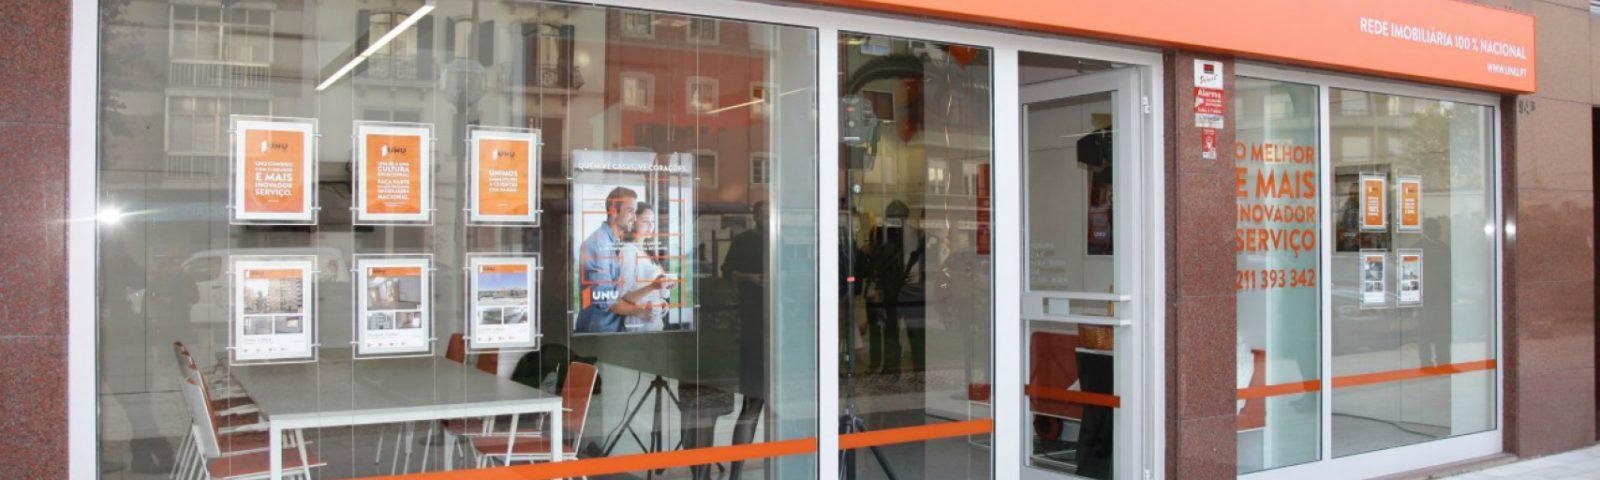 Rede imobiliária UNU quer crescer a Norte